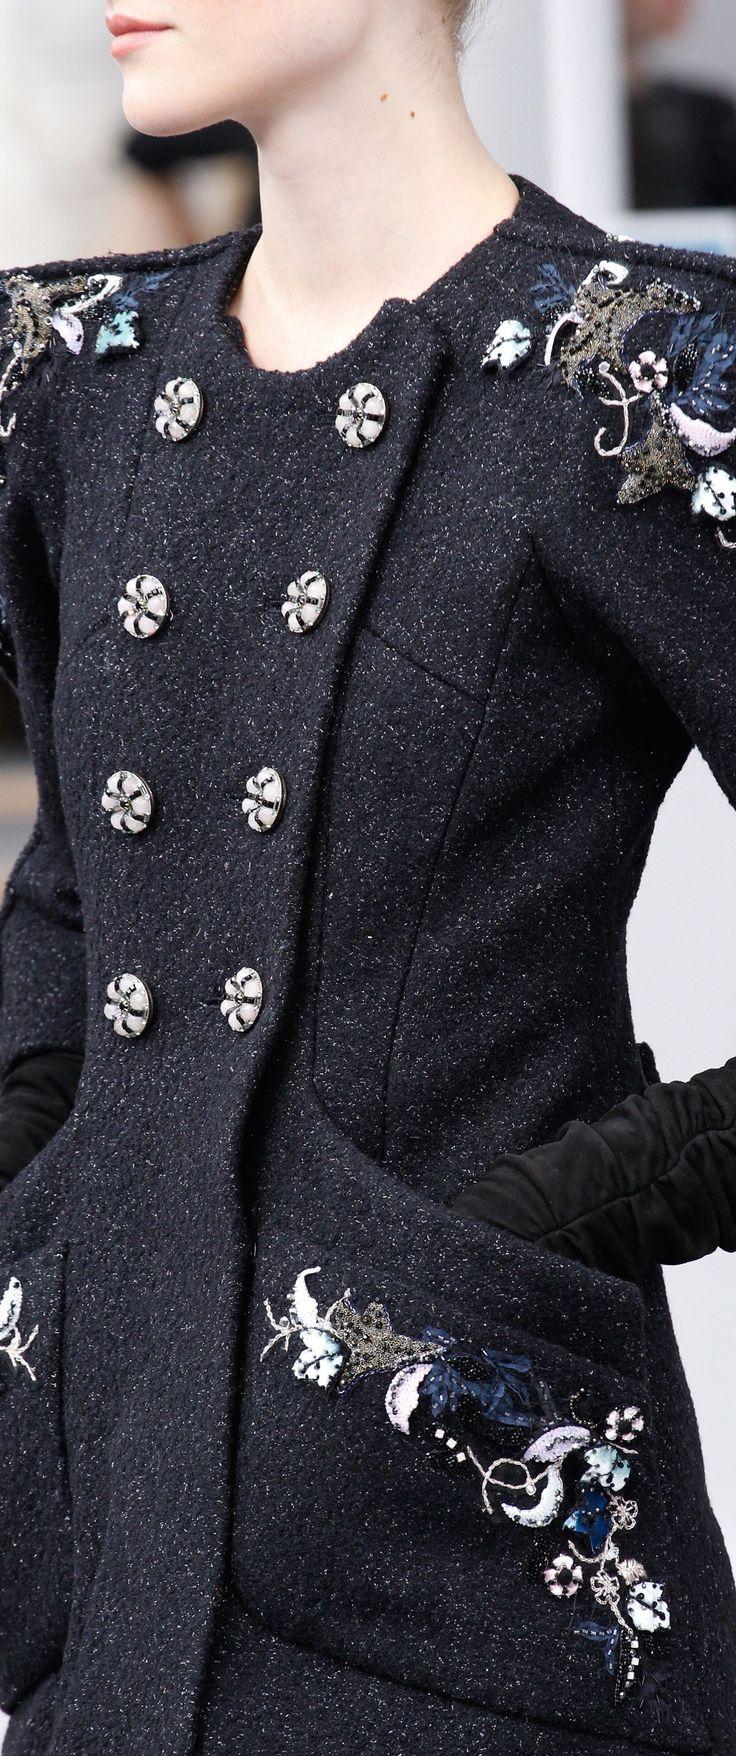 Chanel Fall 2016 Couture ριntєrєѕt: ❁ℓuxulƗrɑv❁| IG: @ℓuxuriousuℓƗrɑvıoℓeƗ LUXURIOUSULTRAVIOLET.com #luxuriousultraviolet